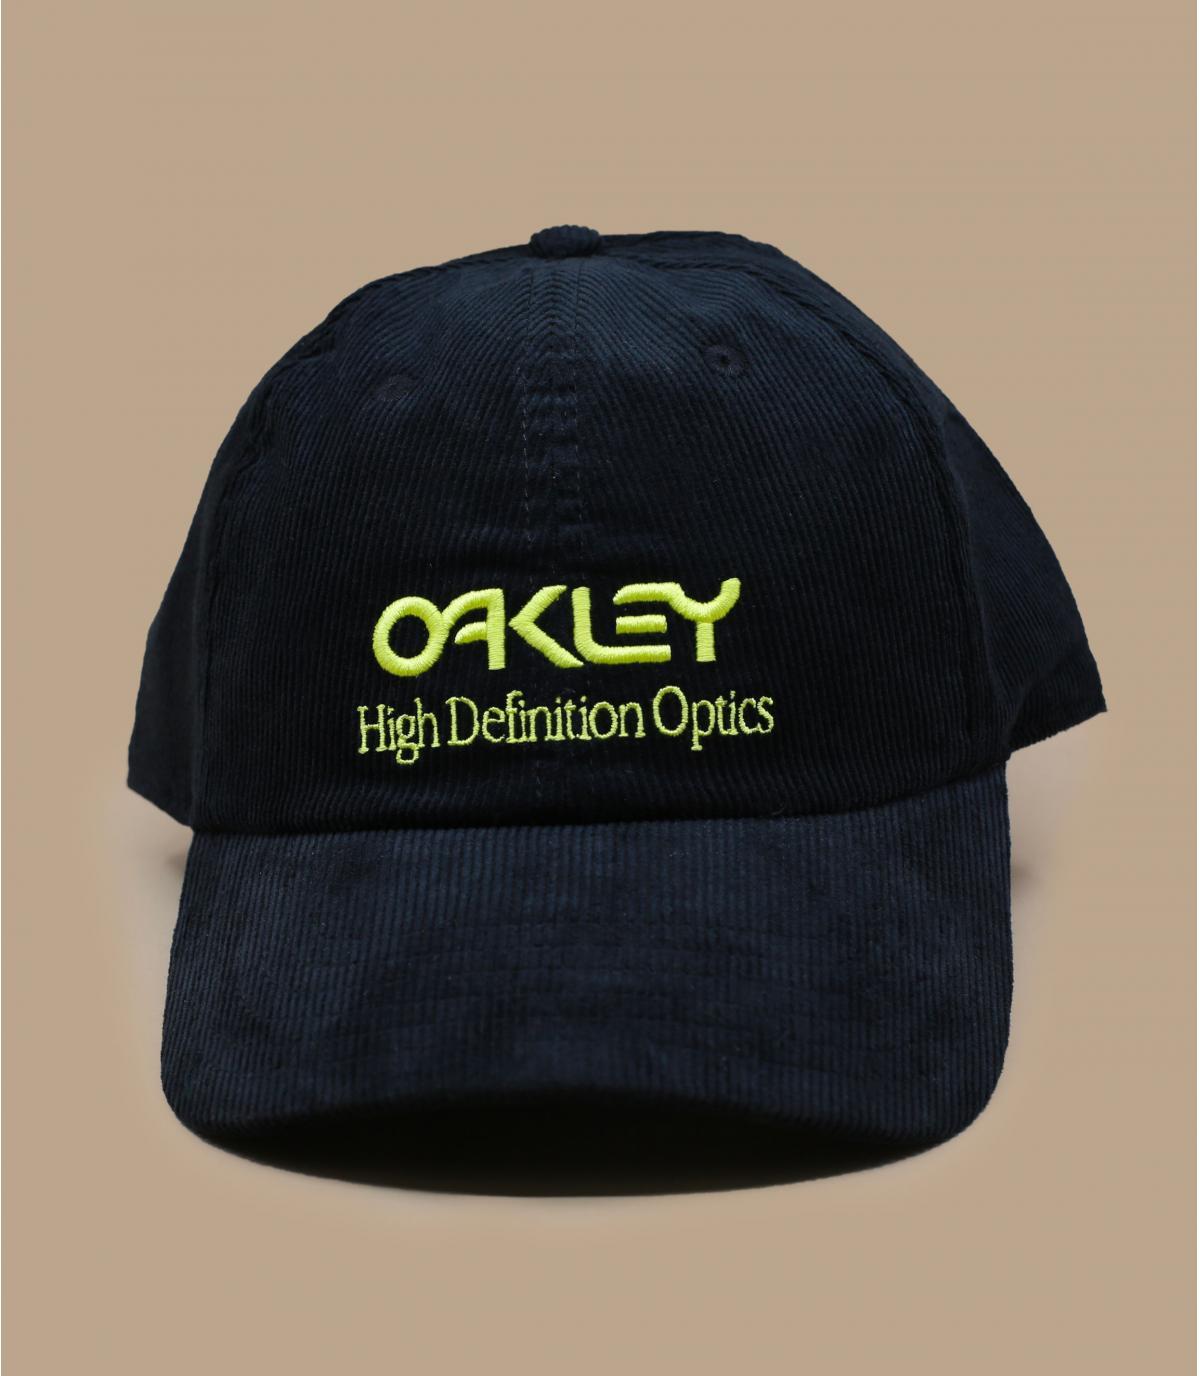 Oakley pet van zwart fluweel